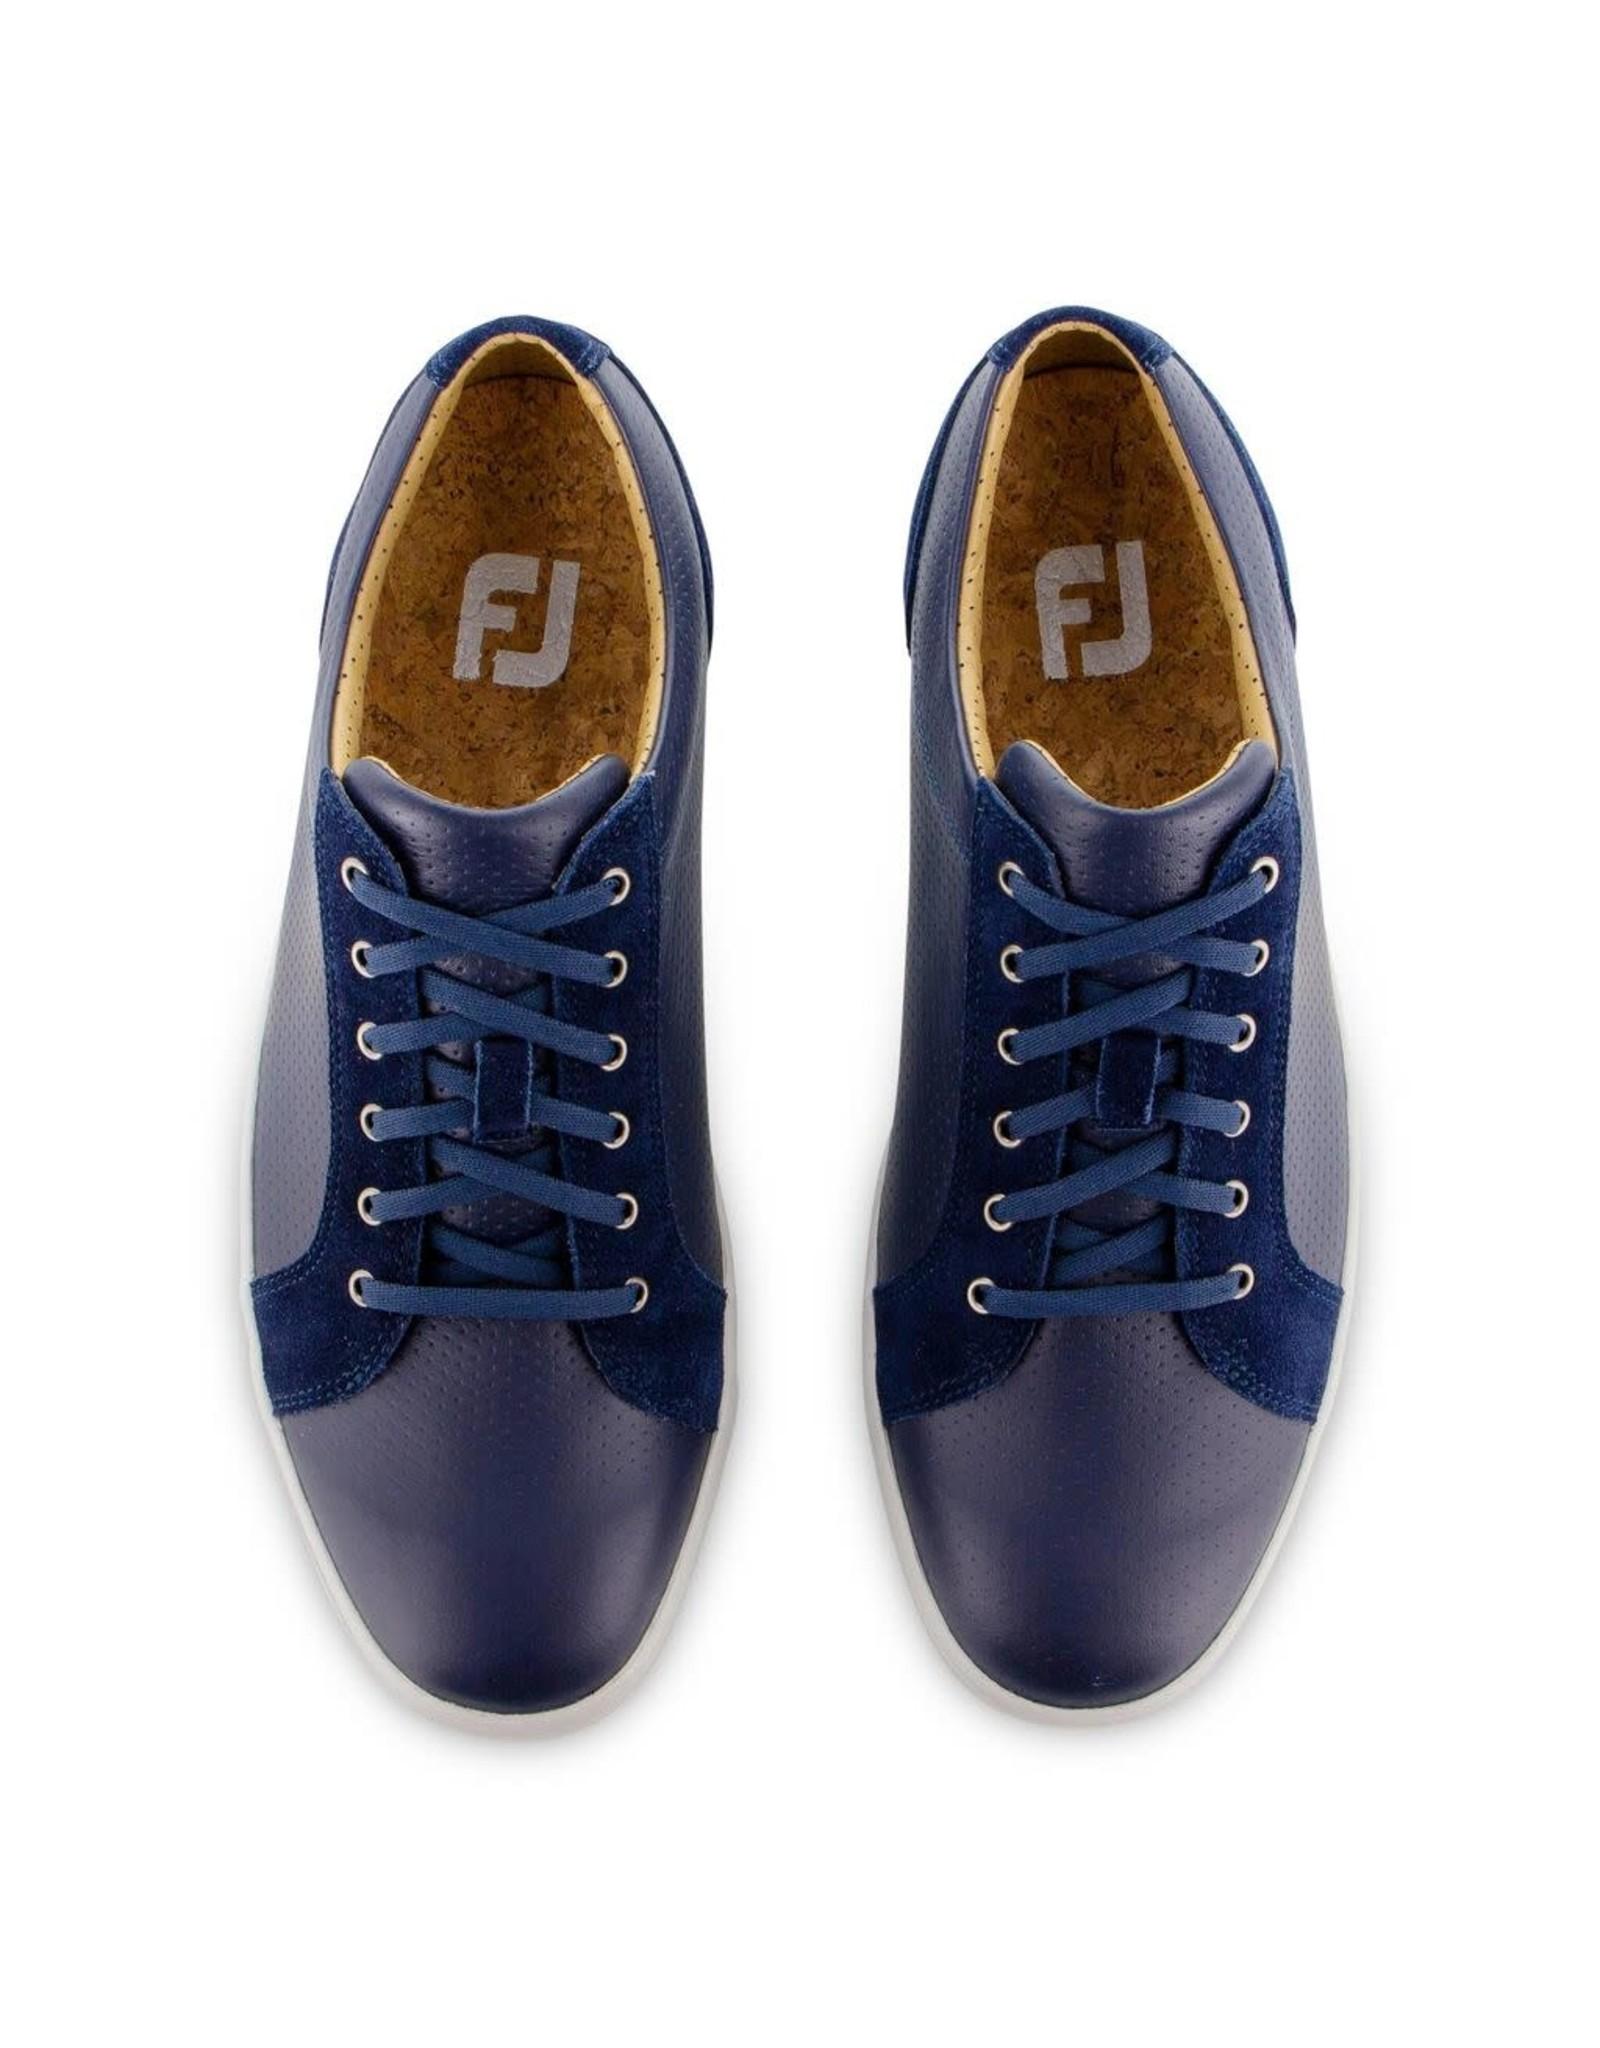 FJ FJ Club Casuals Blucher Blue